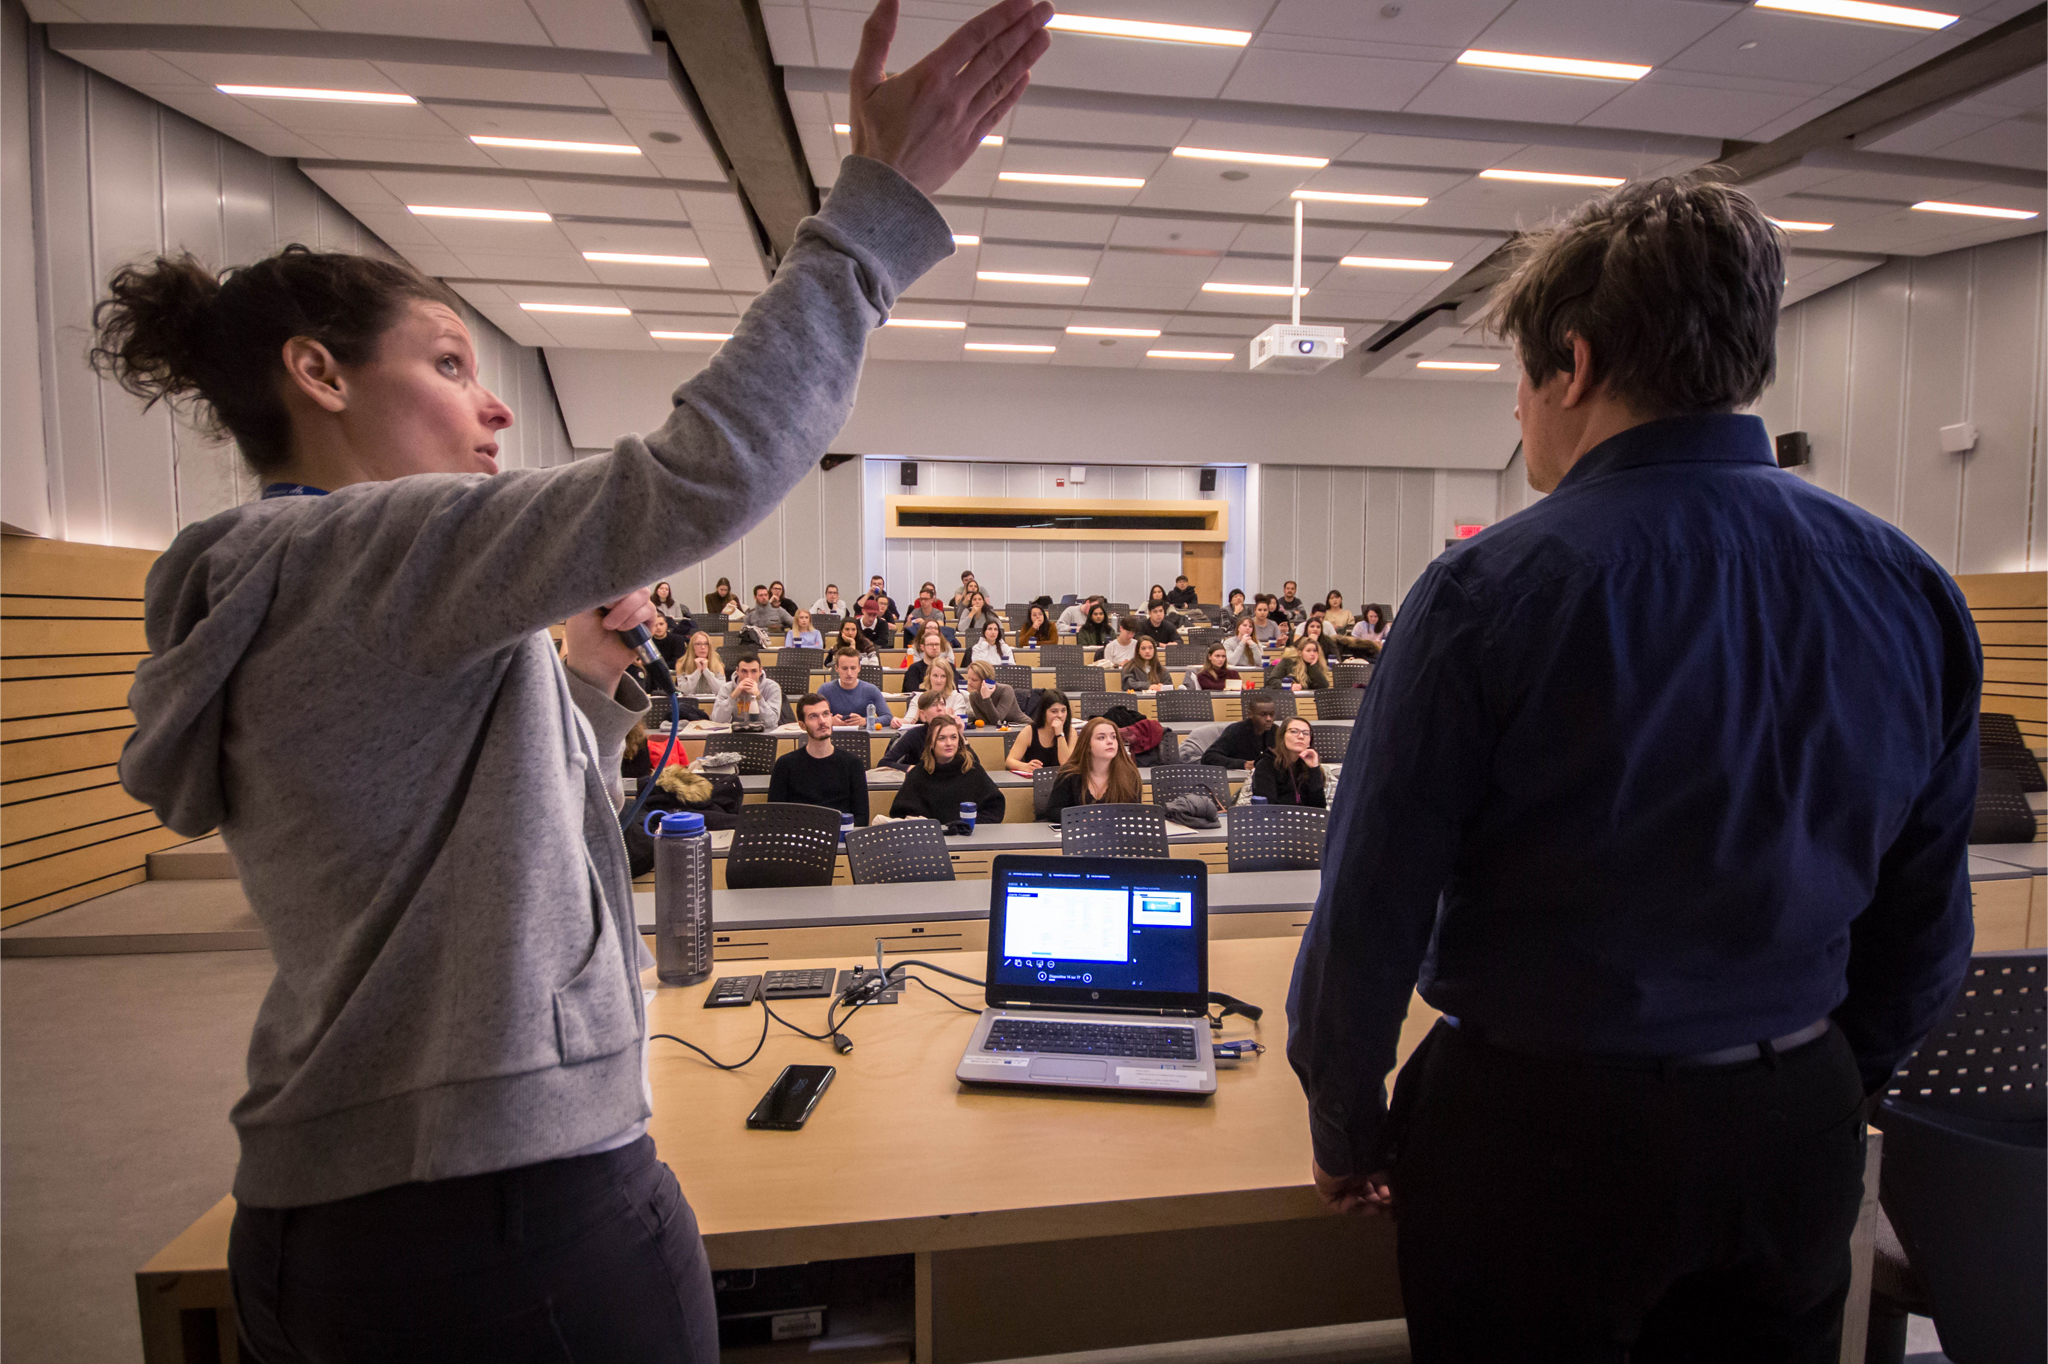 Journée d'accueil des nouveaux étudiants de l'Université de Montréal